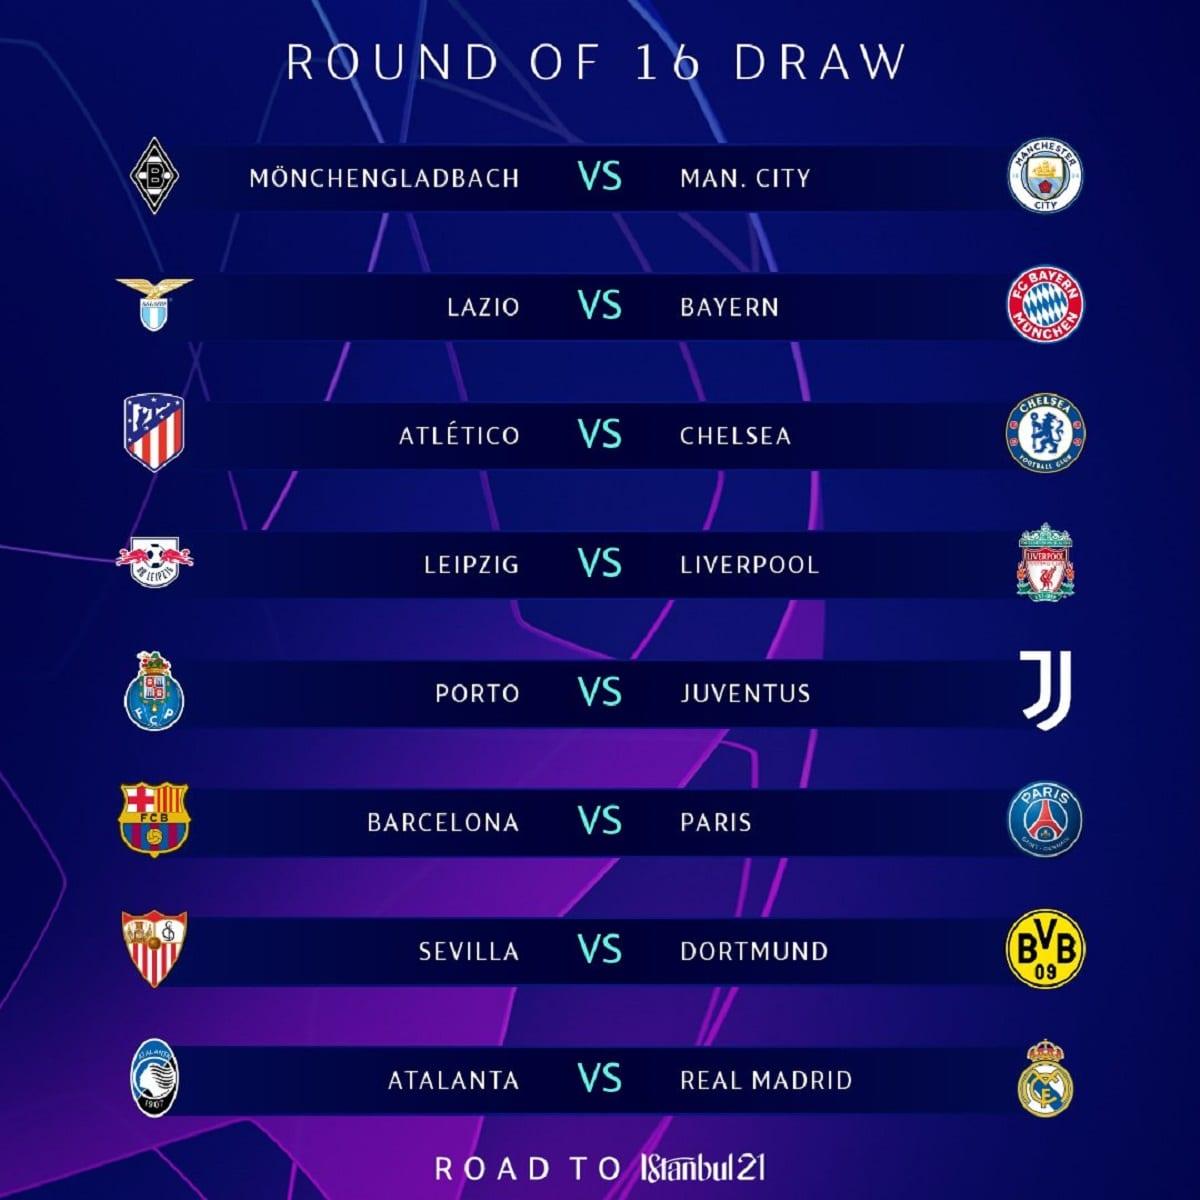 Sorteggi Champions League: dove seguire la diretta in Tv e streaming